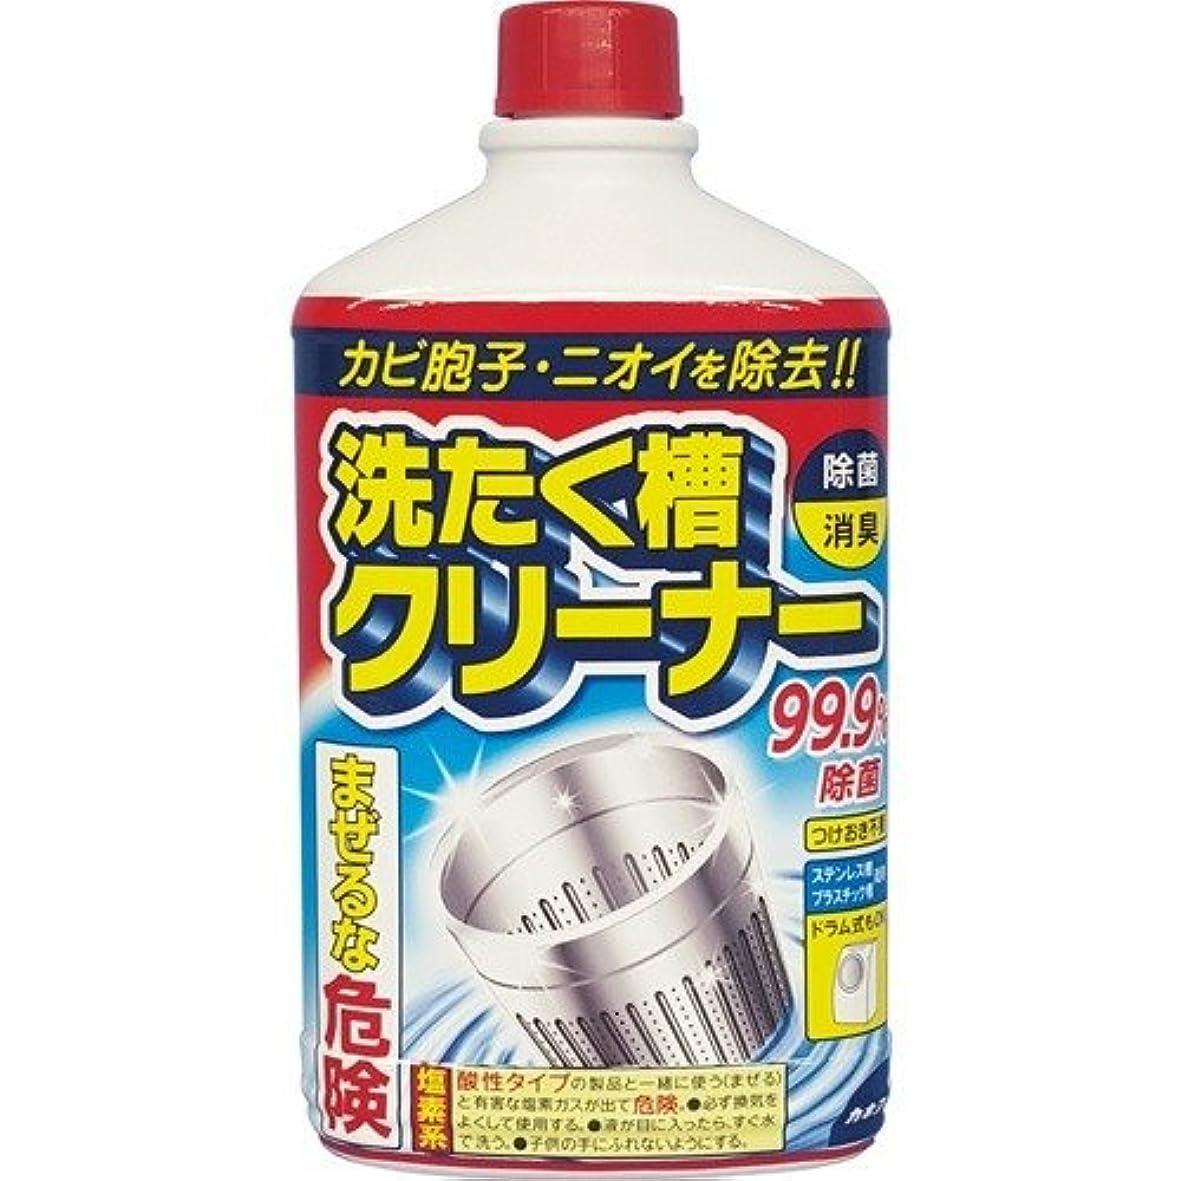 足枷かかわらずプロテスタント洗たく槽クリ-ナ- 550g